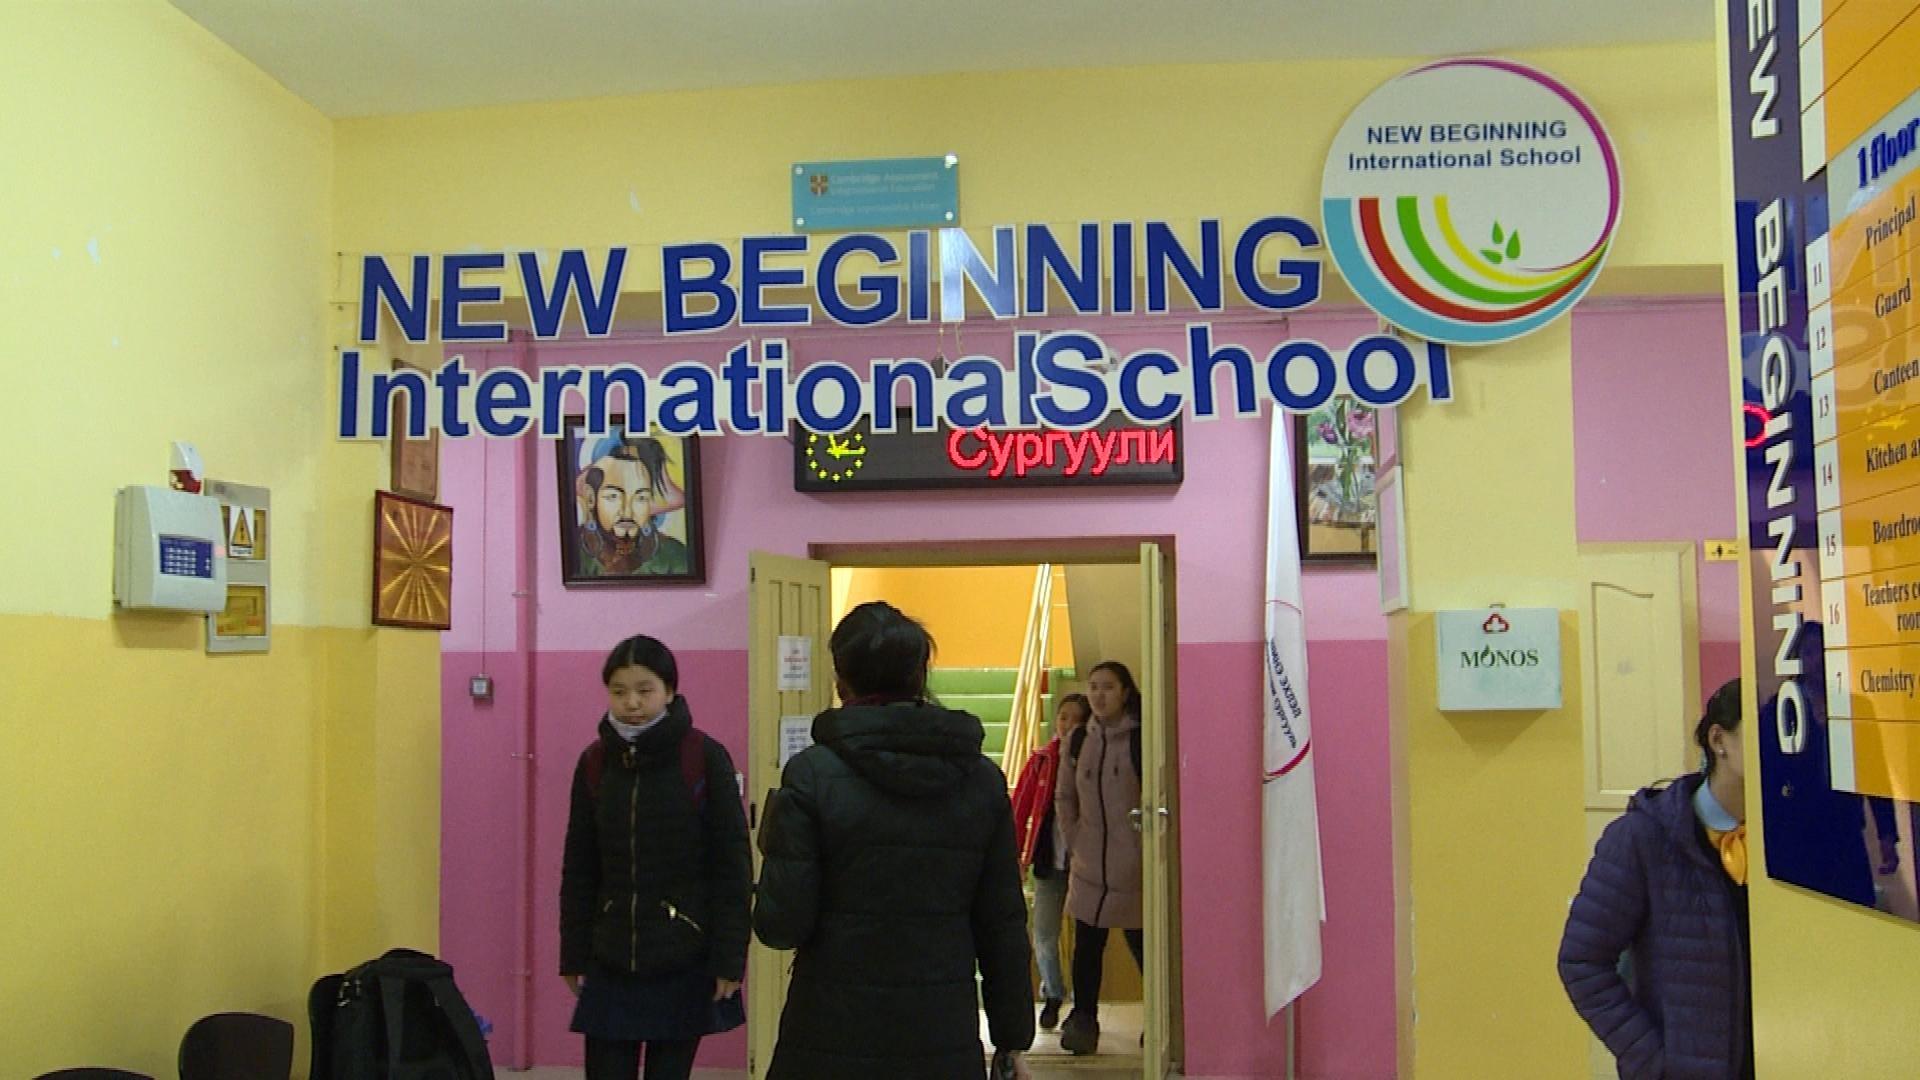 Нийслэлийн хэмжээнд төрийн өмчийн 8 ерөнхий боловсролын сургууль биеийн тамирын заалгүй байна